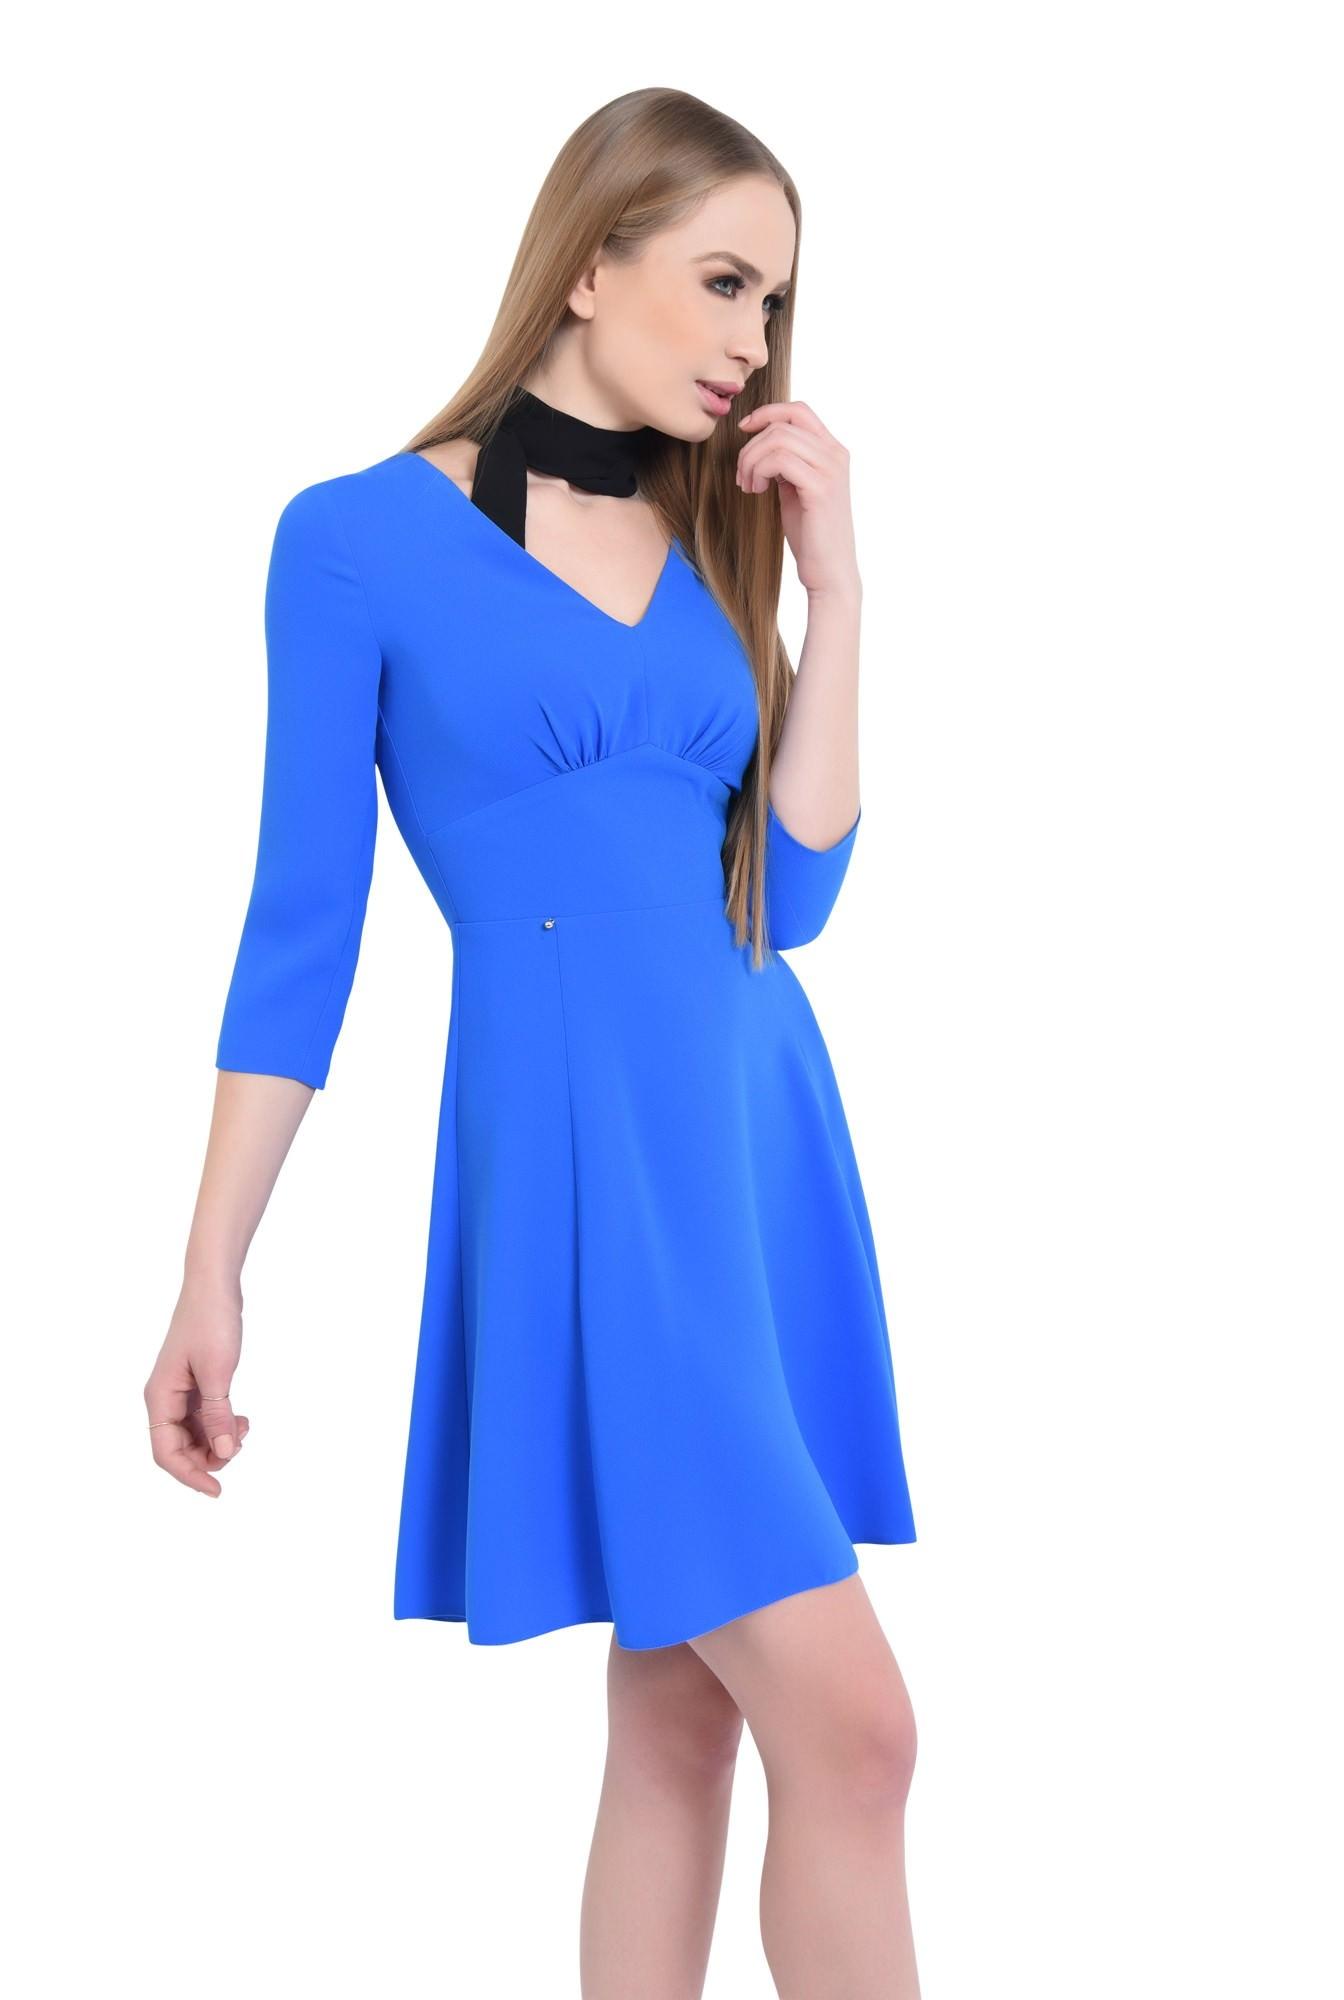 0 - Rochie de zi, albastru